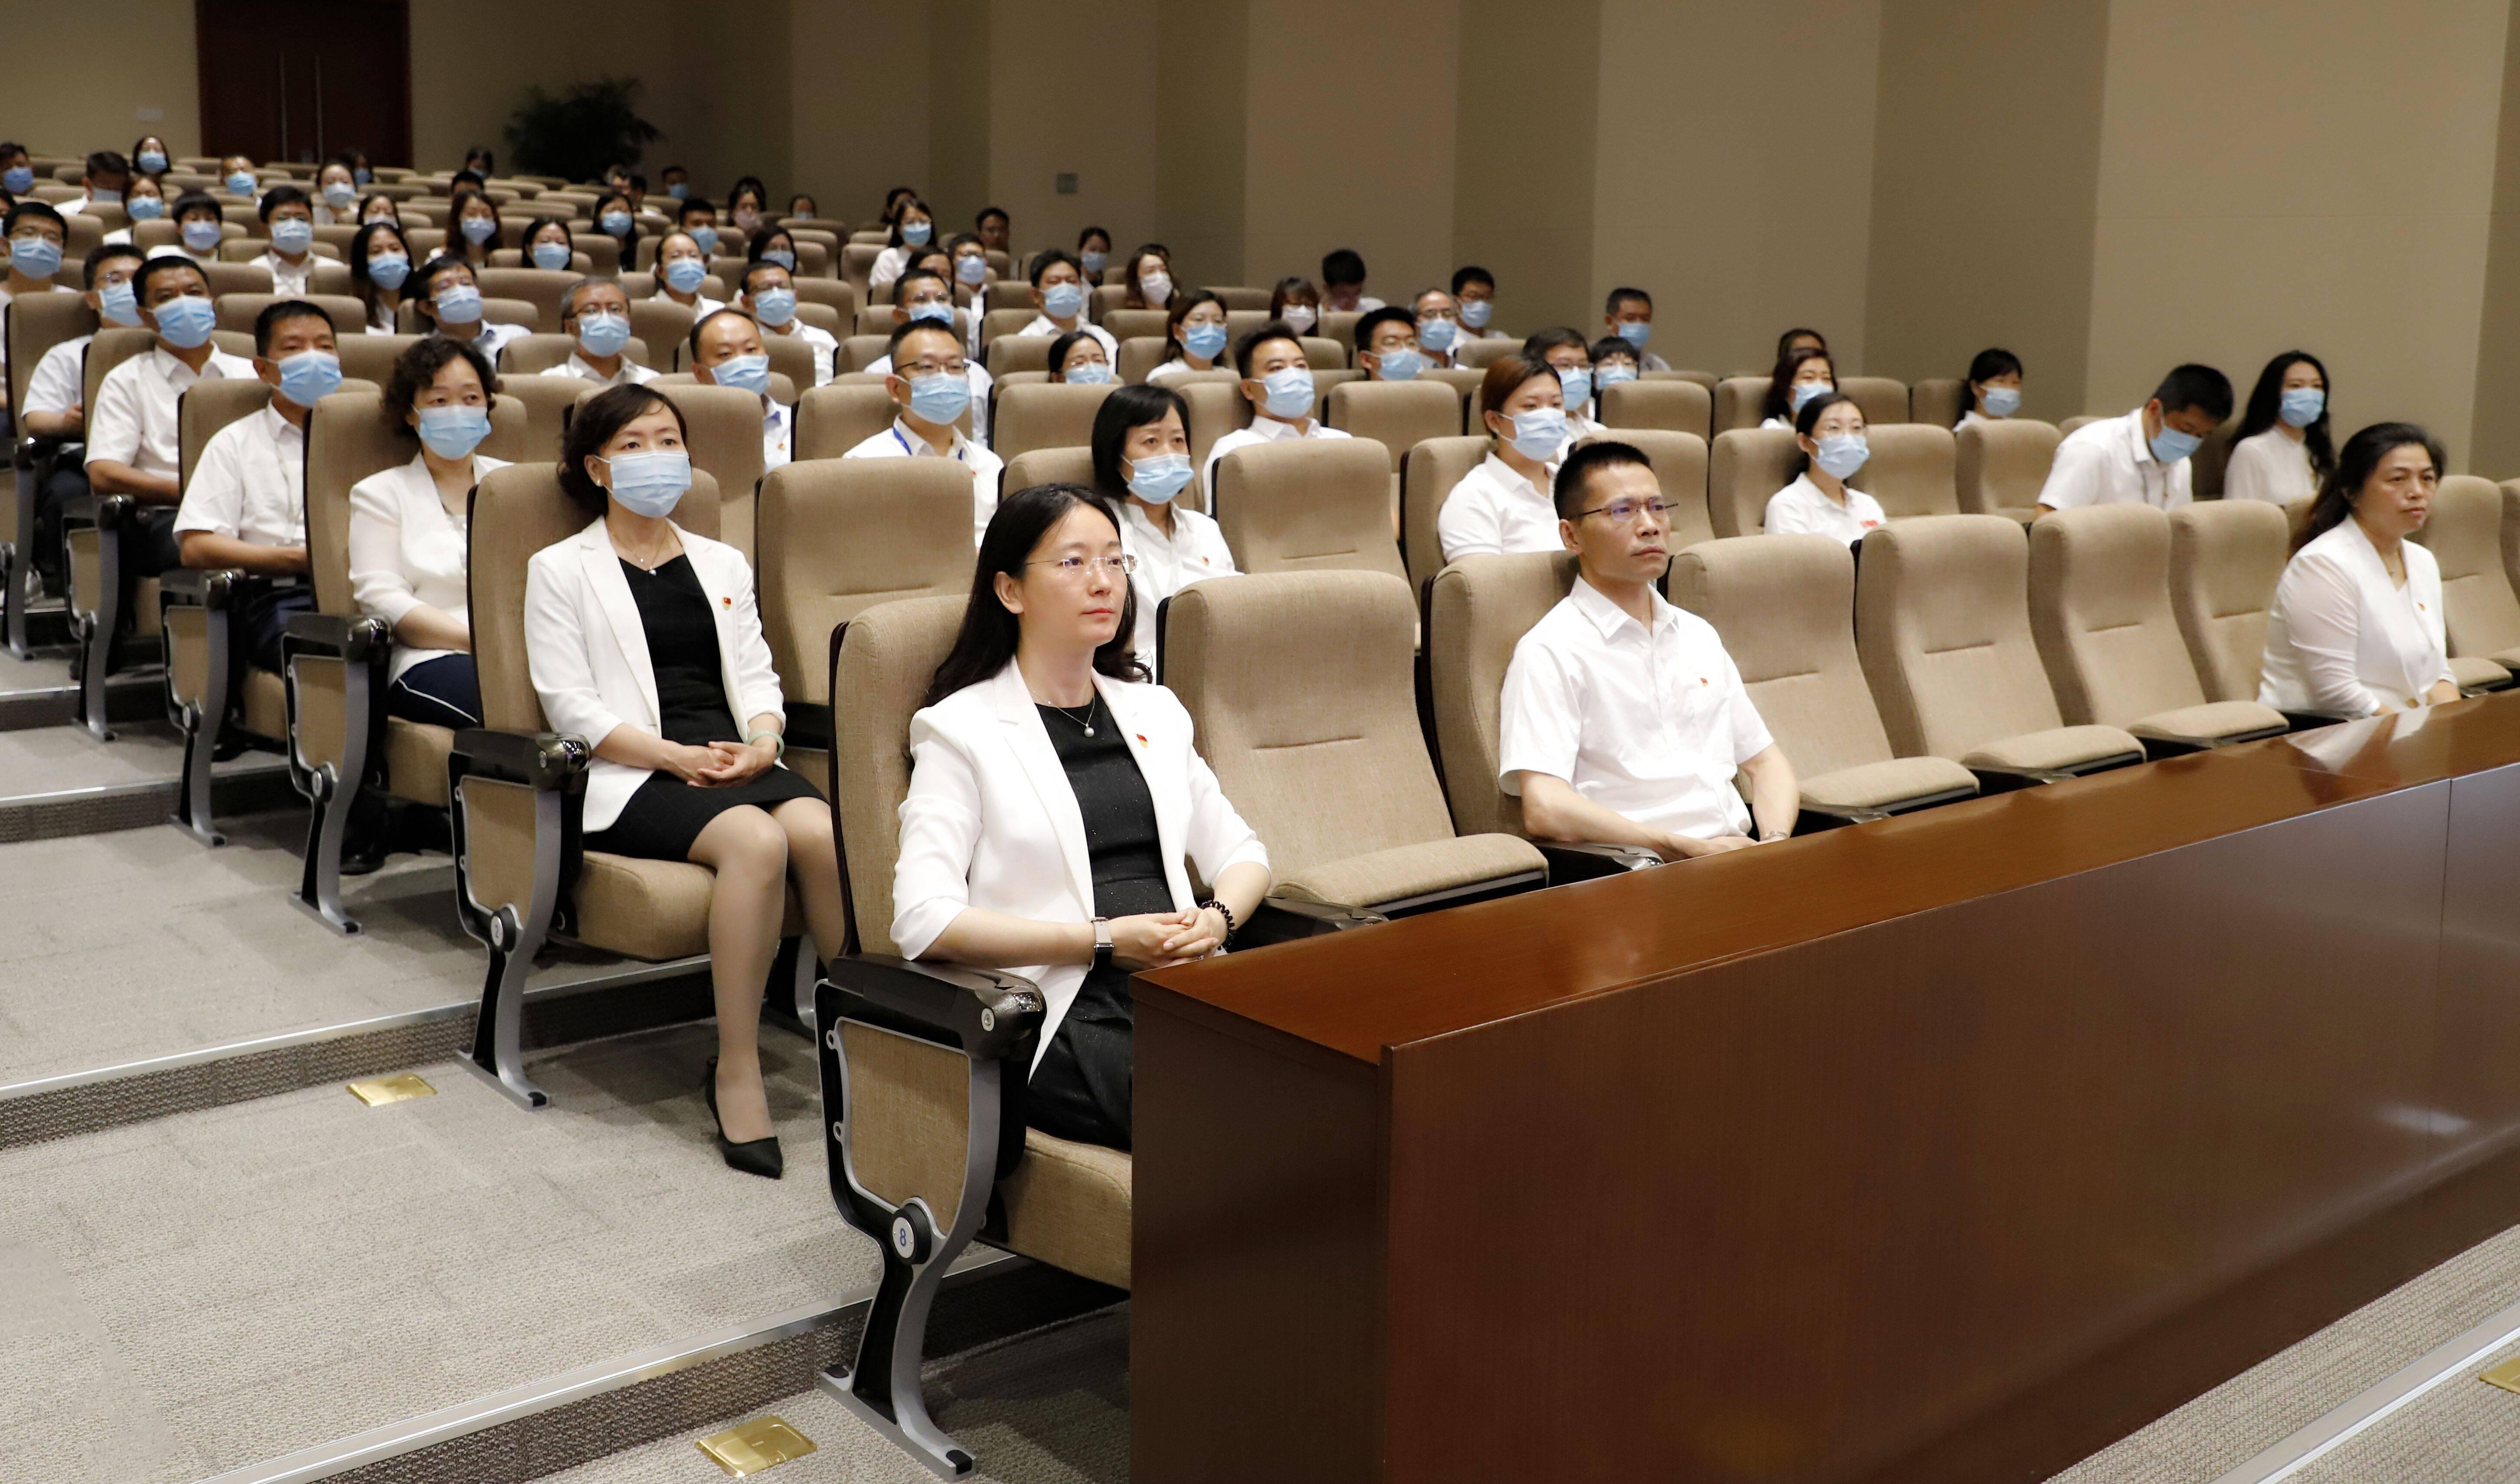 齐鲁制药集团组织党员干部收看庆祝中国共产党成立100周年大会直播盛况